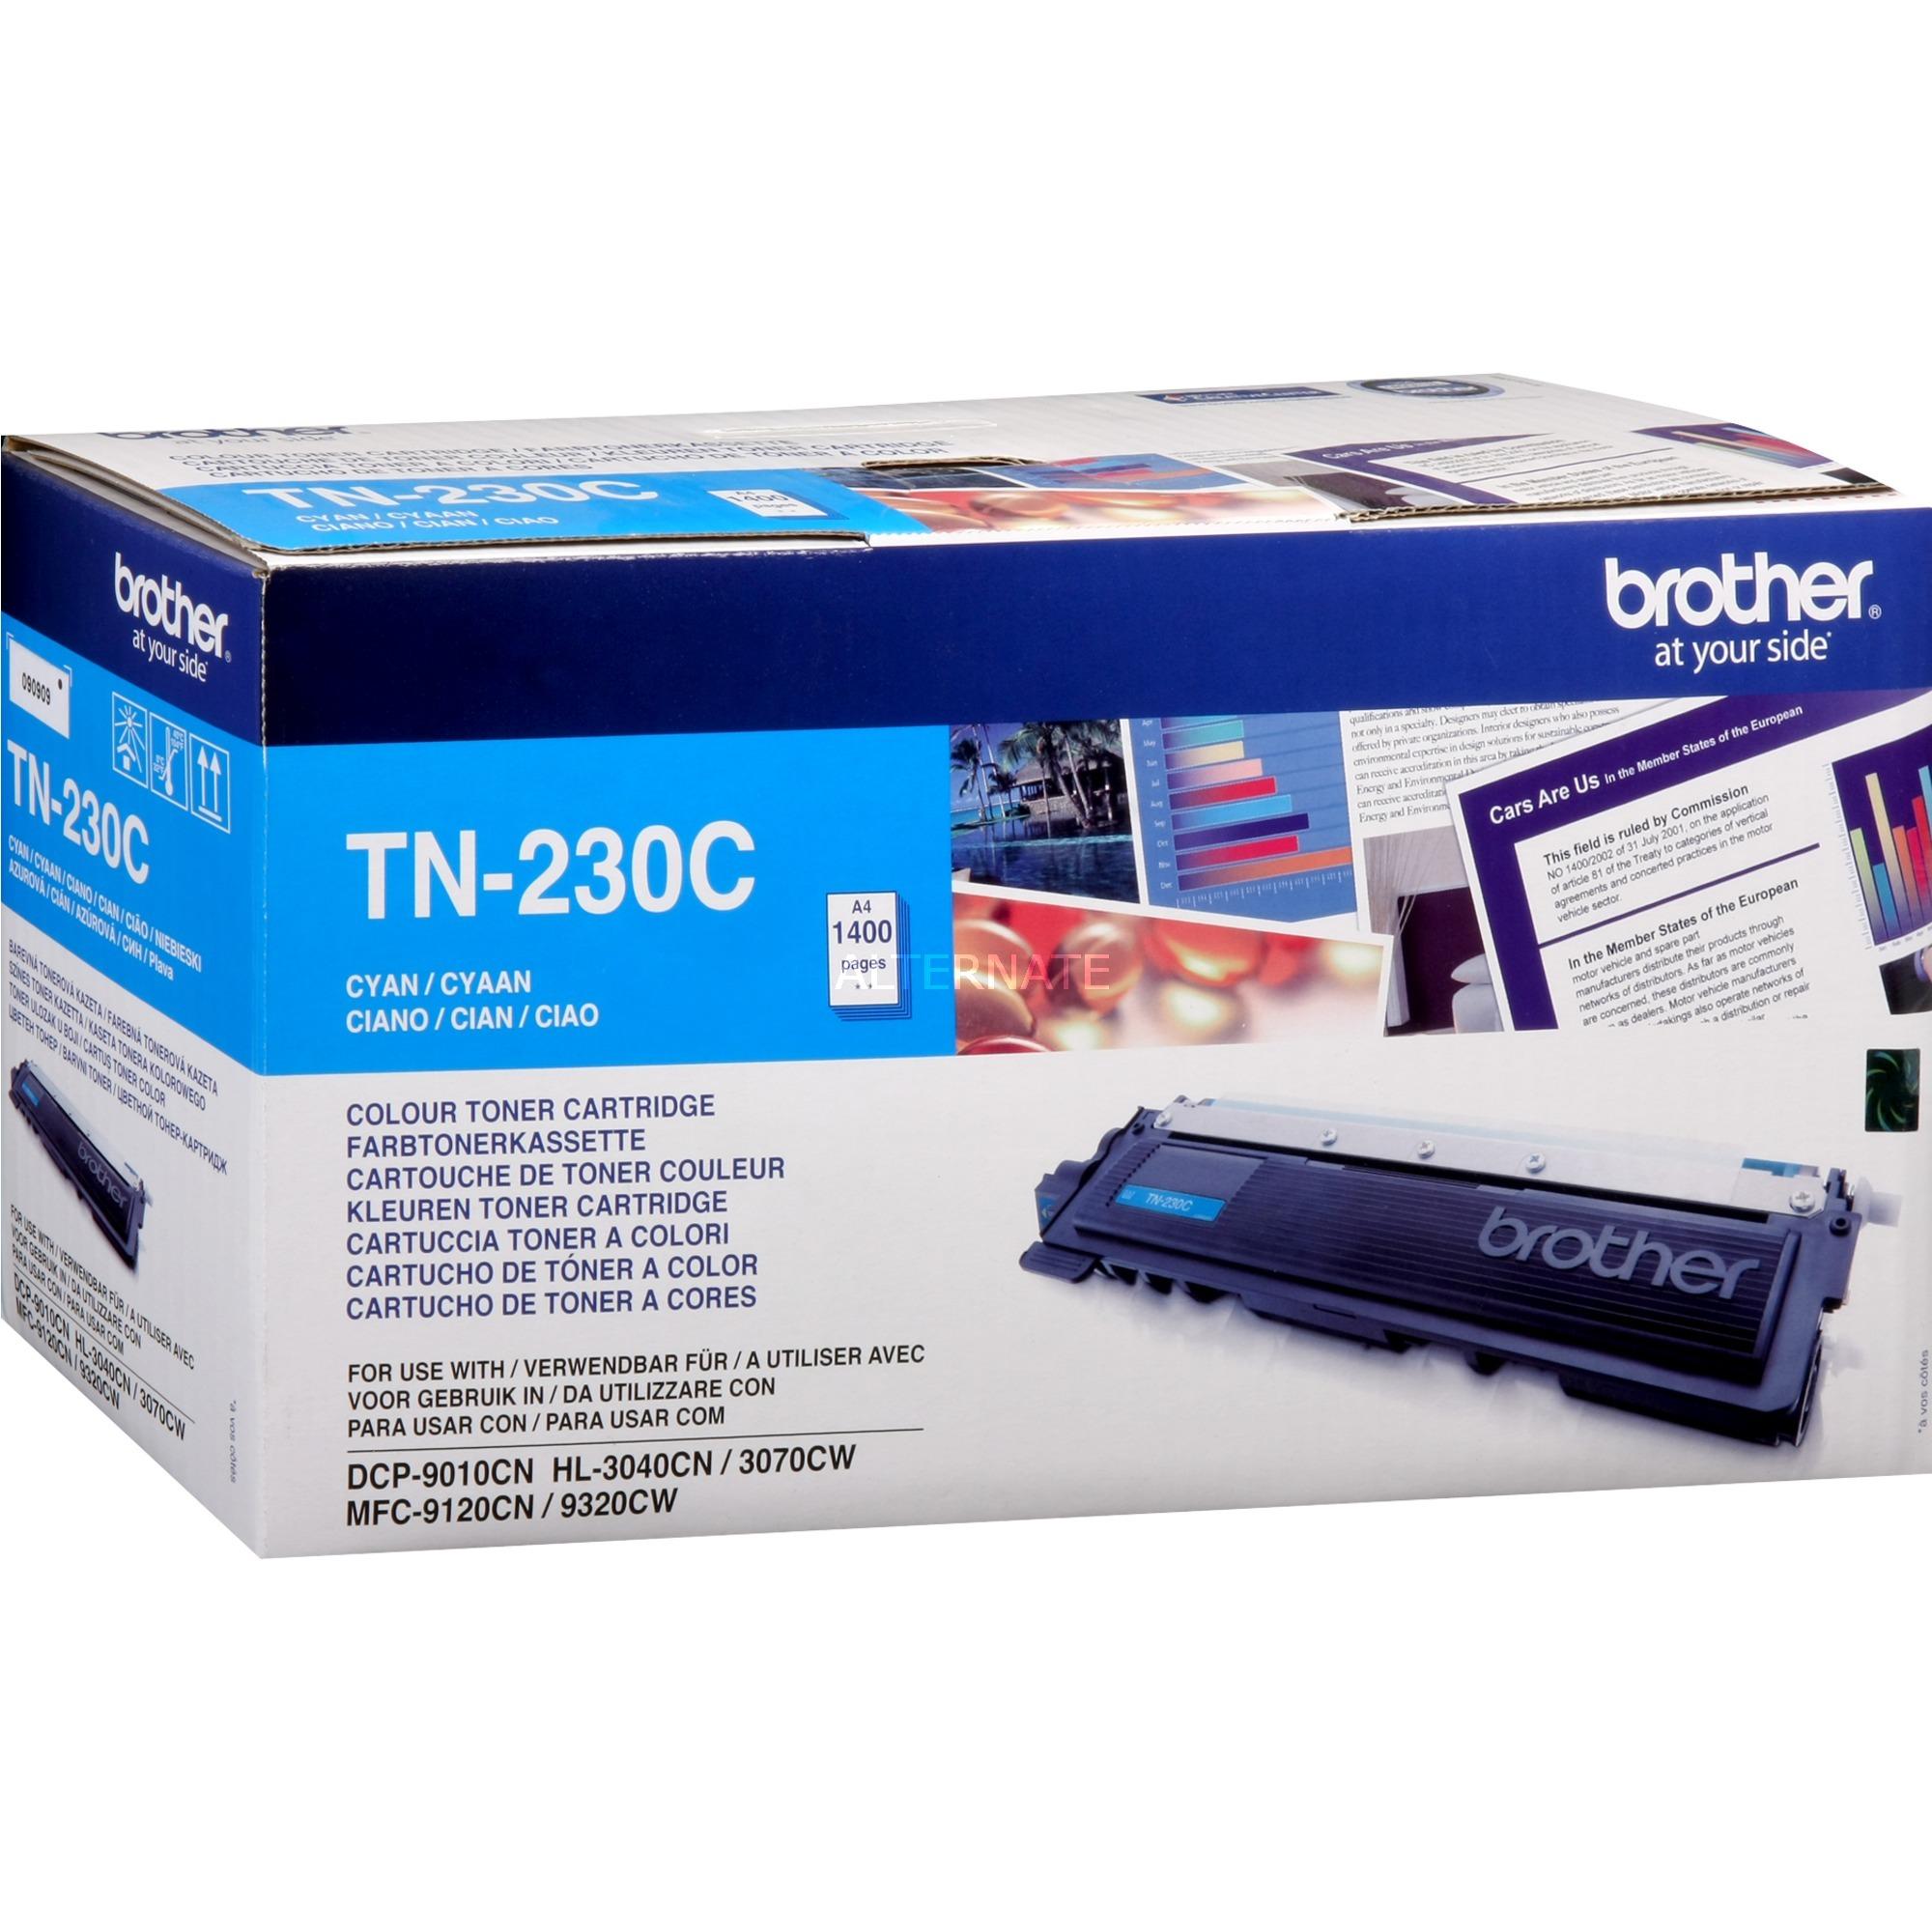 TN-230C - Toner cyan